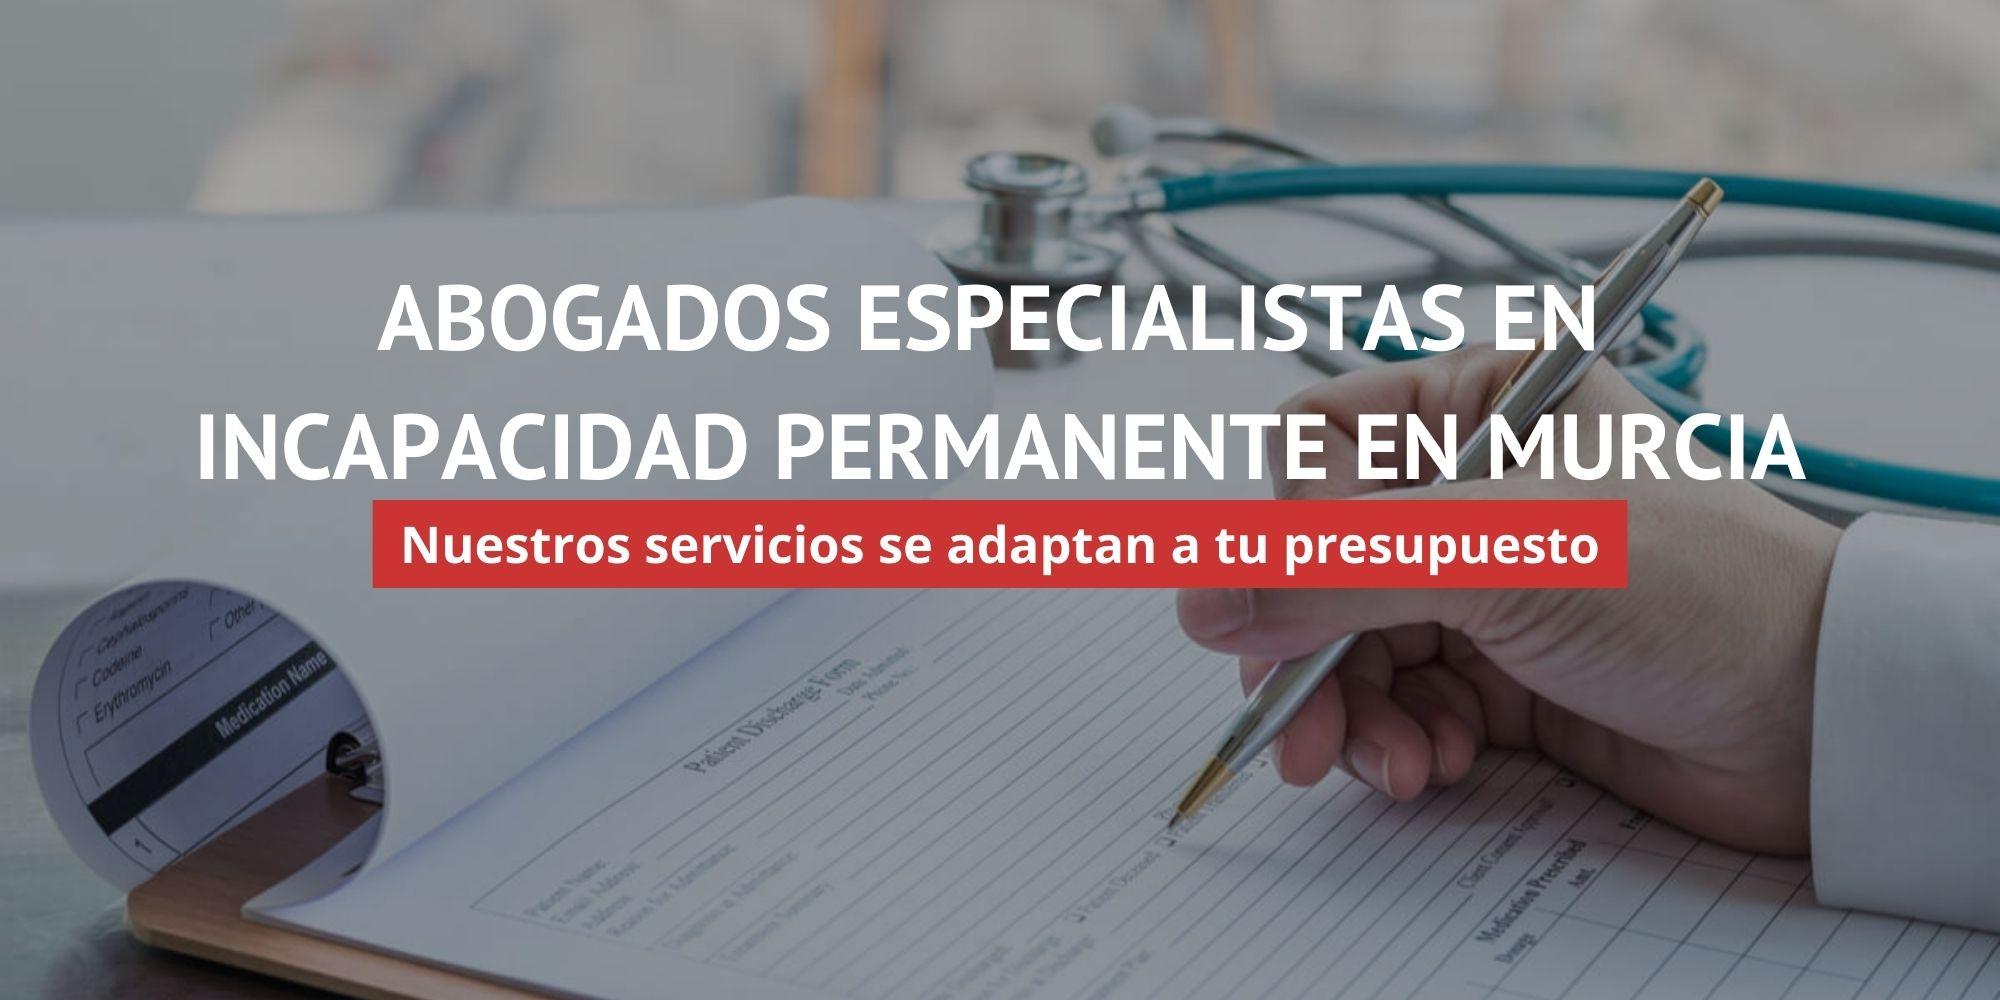 Abogados Incapacidad Permanente Murcia - Primera Visita Gratis | ACC LEGAL ABOGADOS